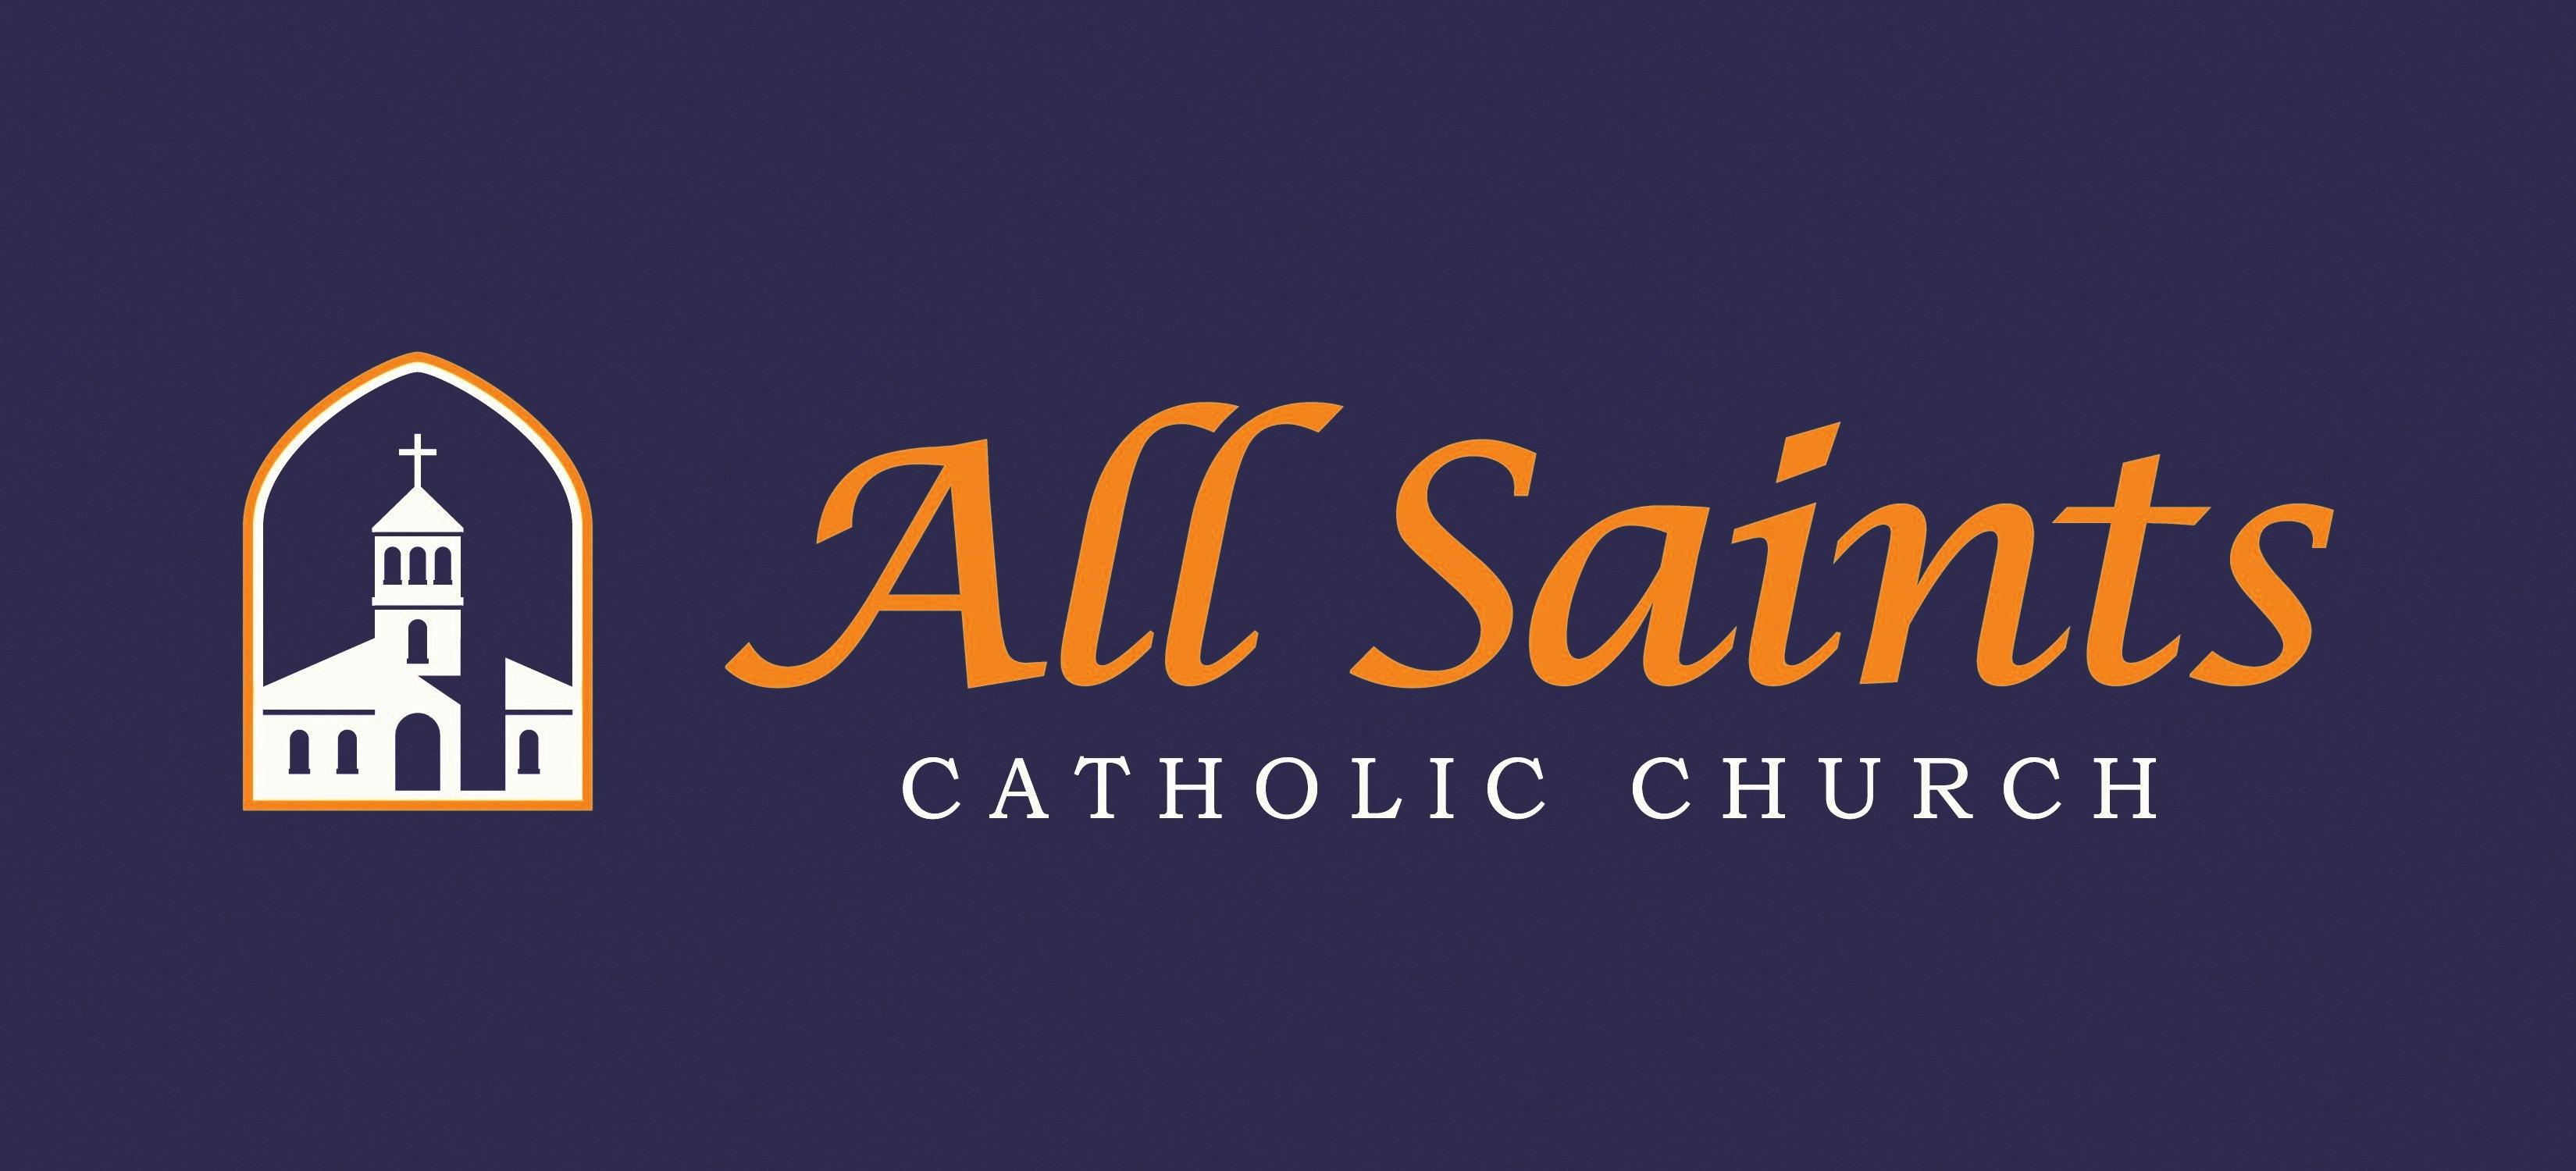 New Parish Logo & Colors